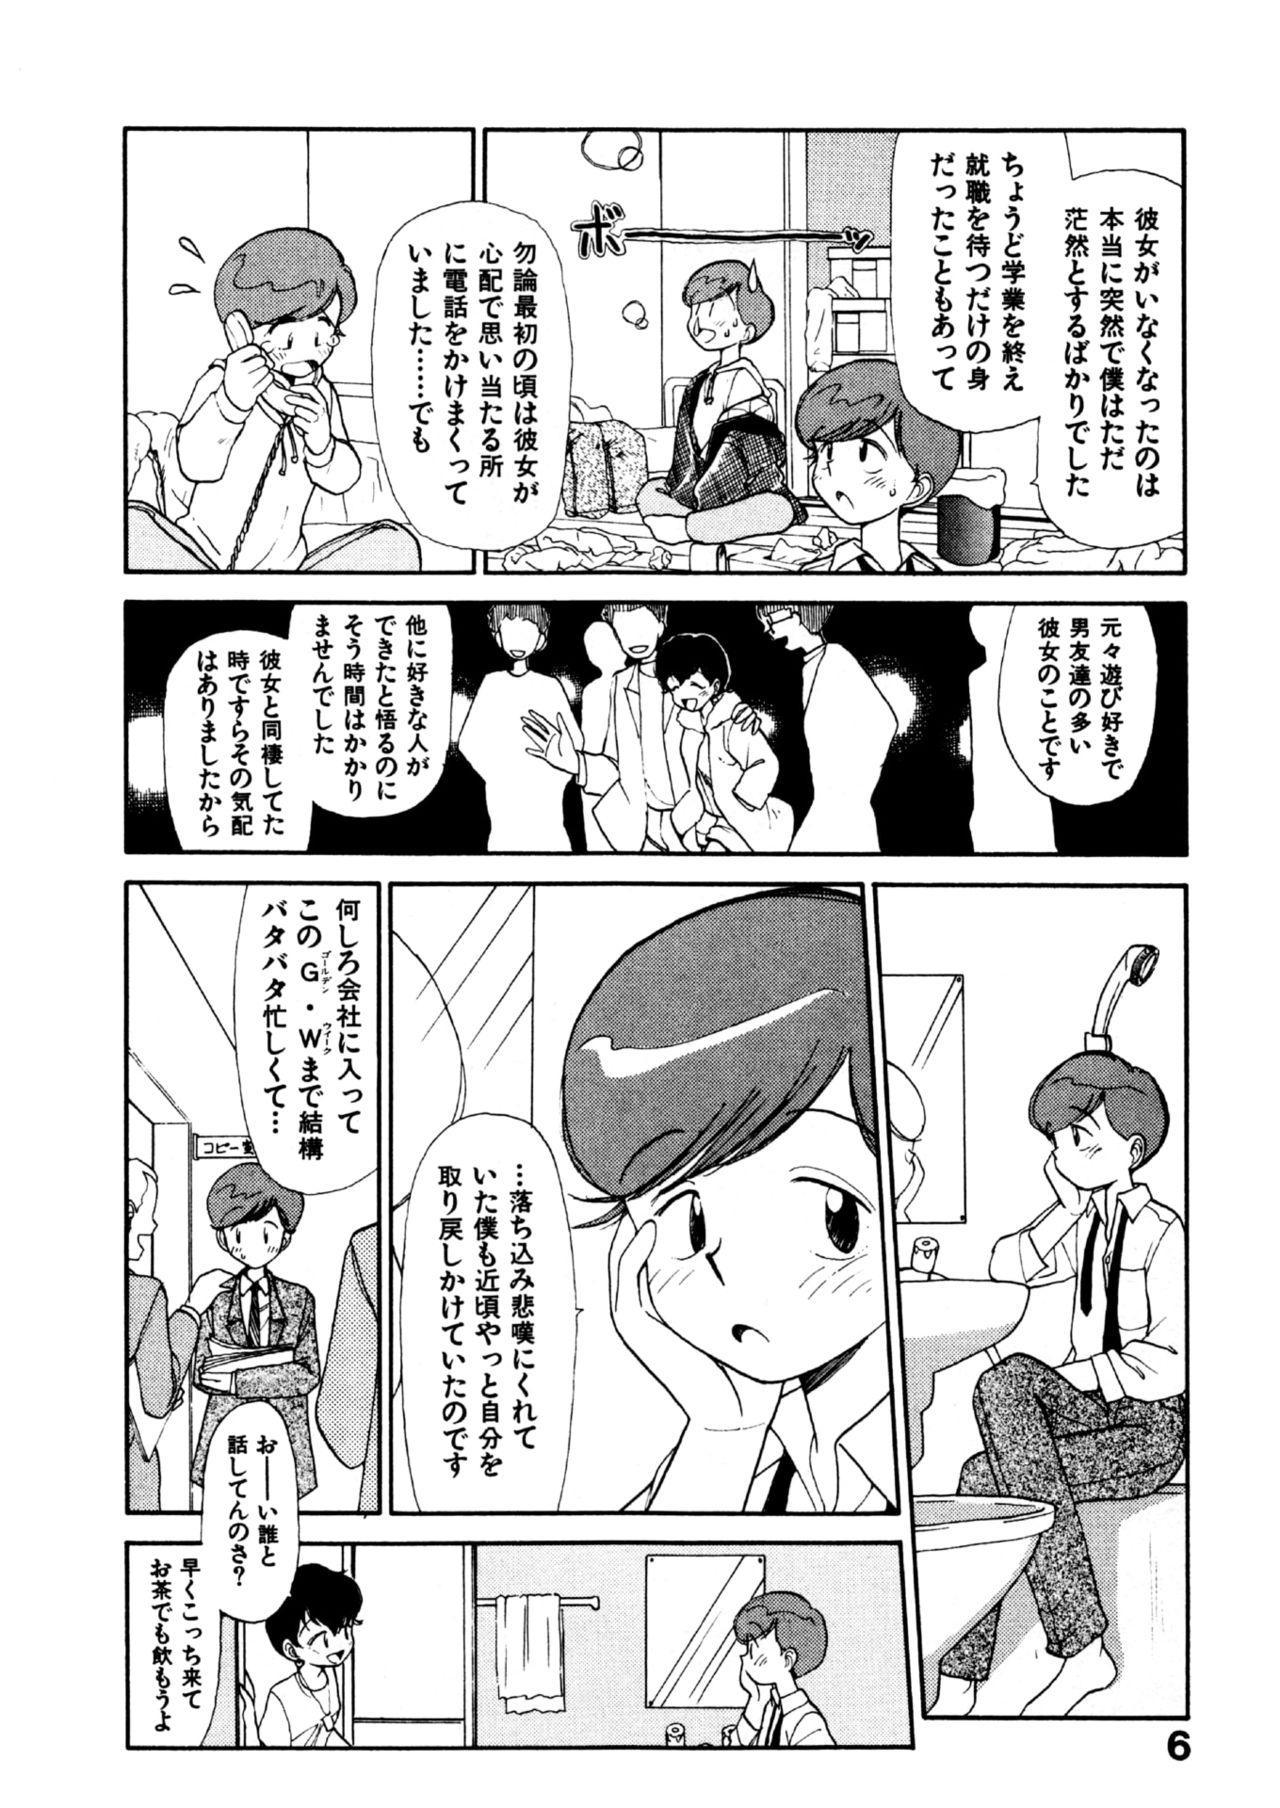 COMIC Kairakuten 25 Shuunen kinen tokubetsugou 6